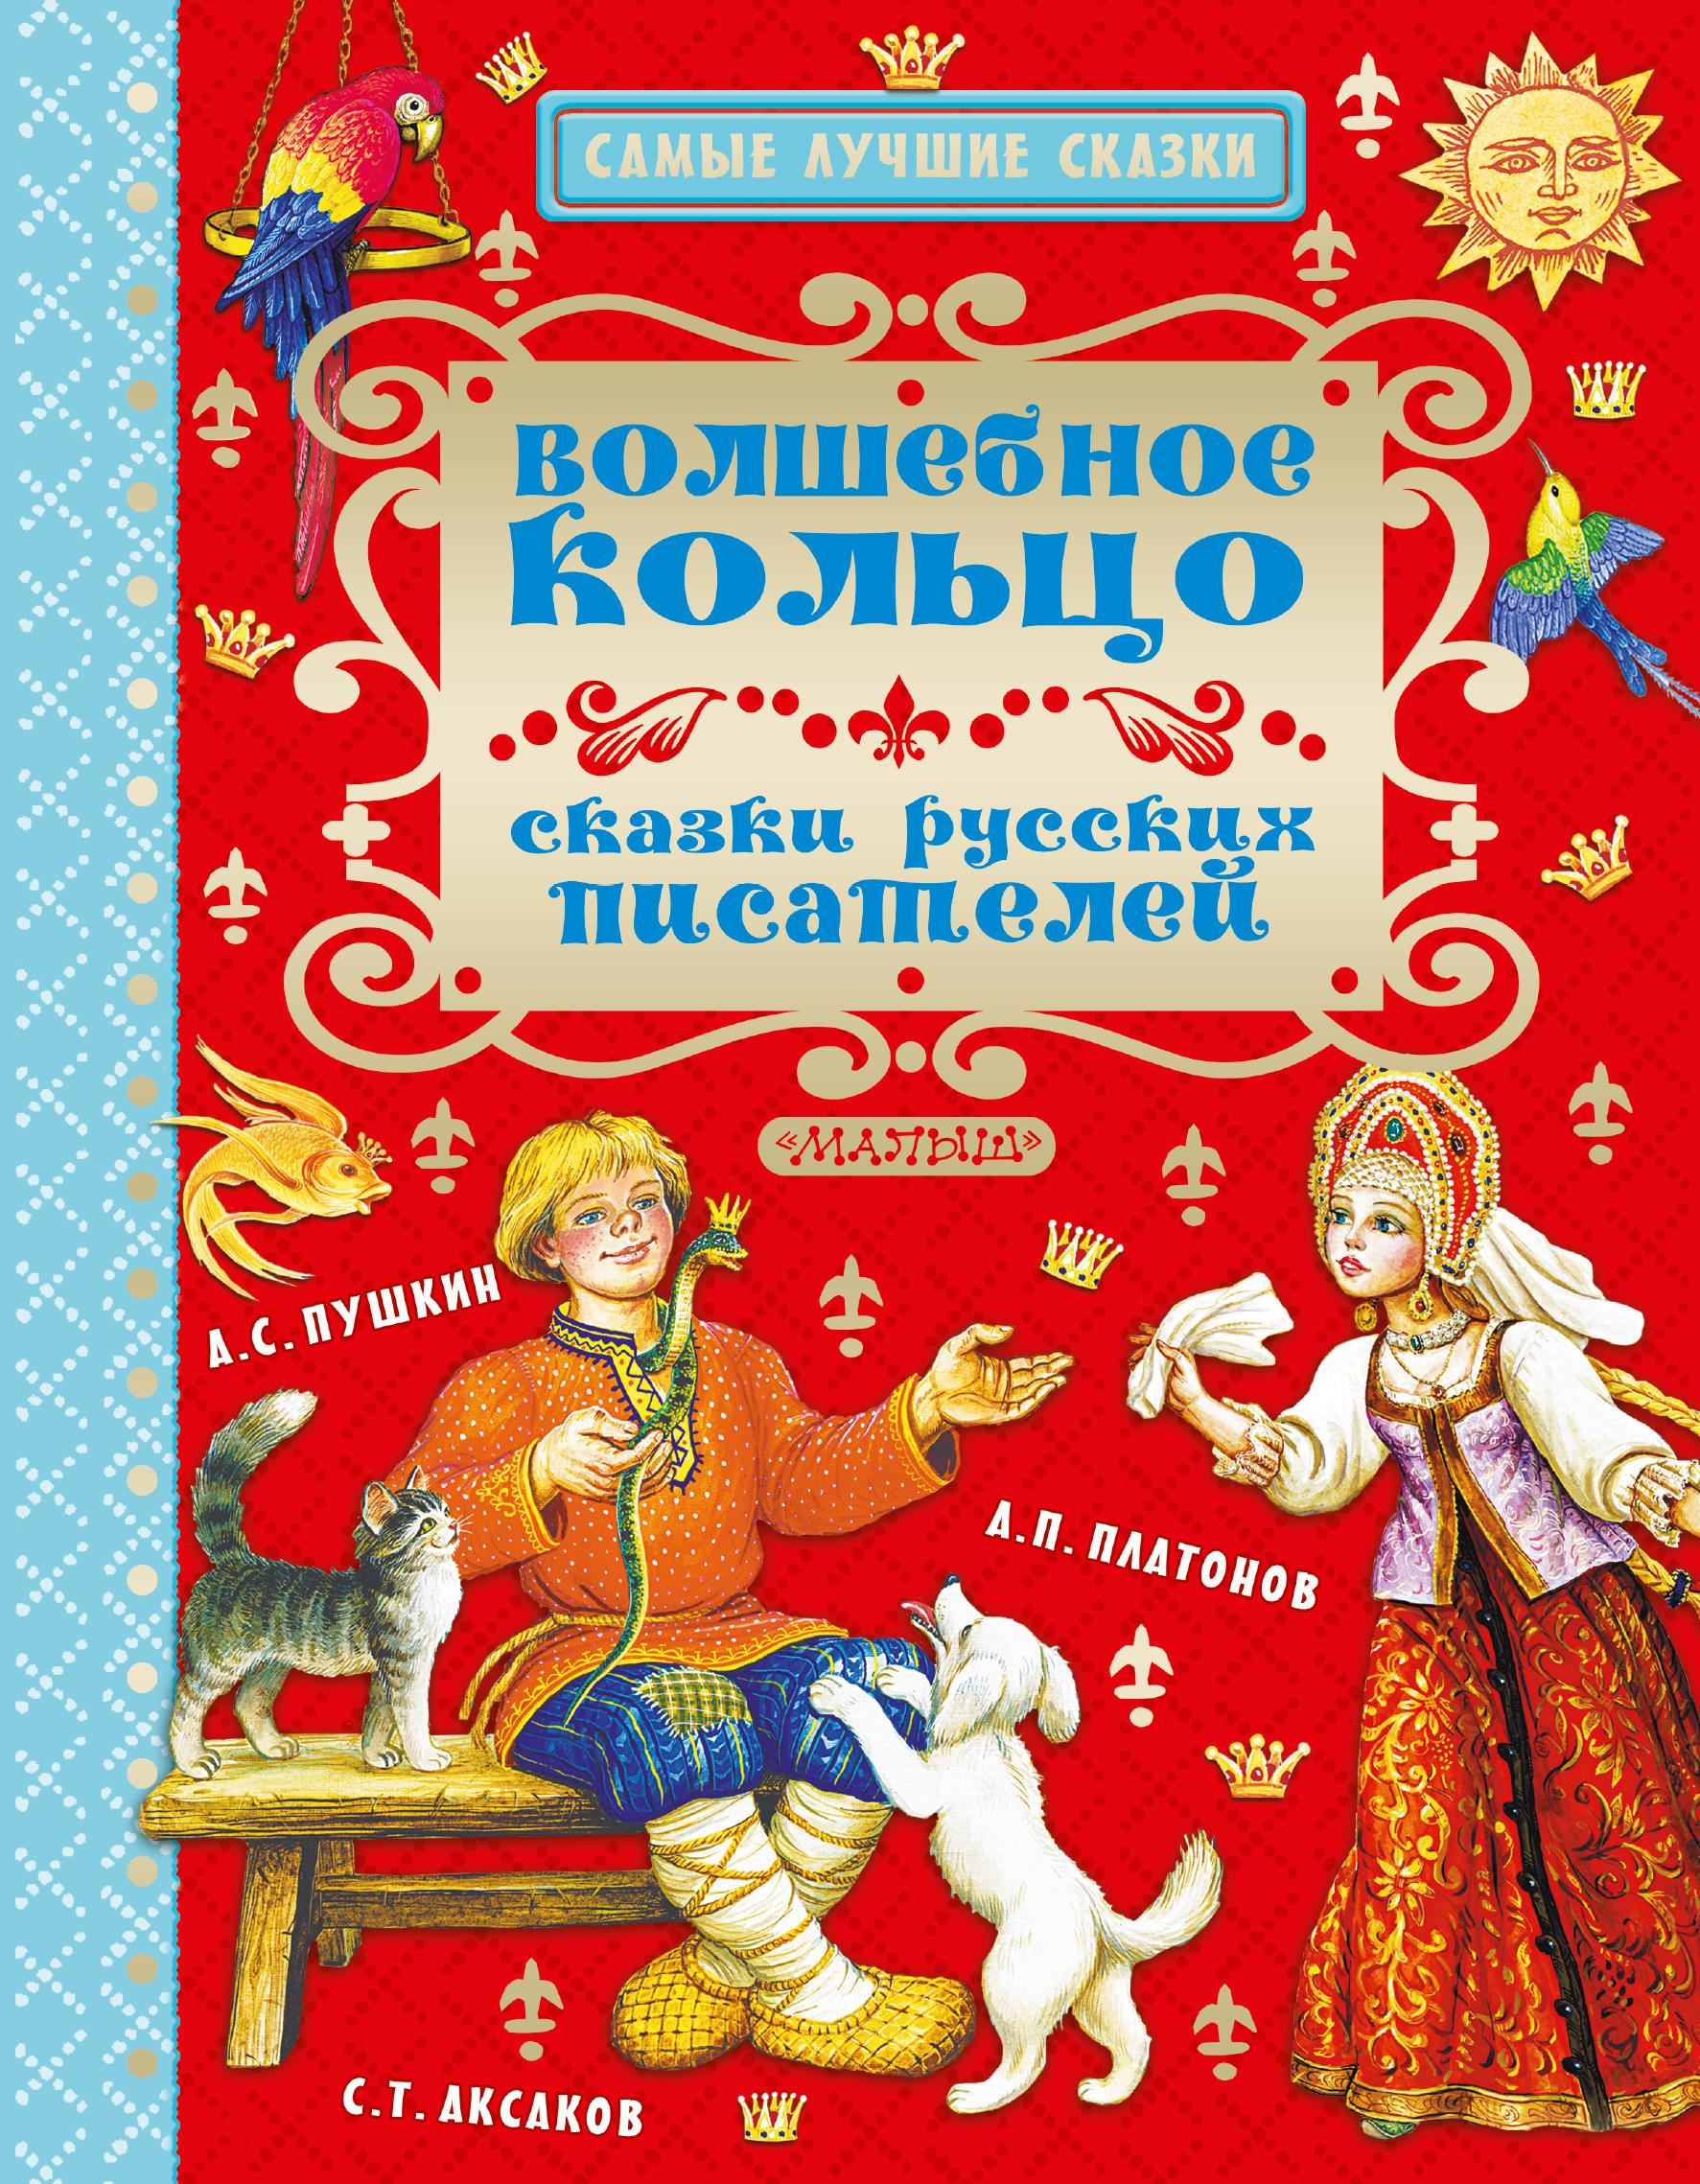 Волшебное кольцо. Сказки русских писателей от book24.ru